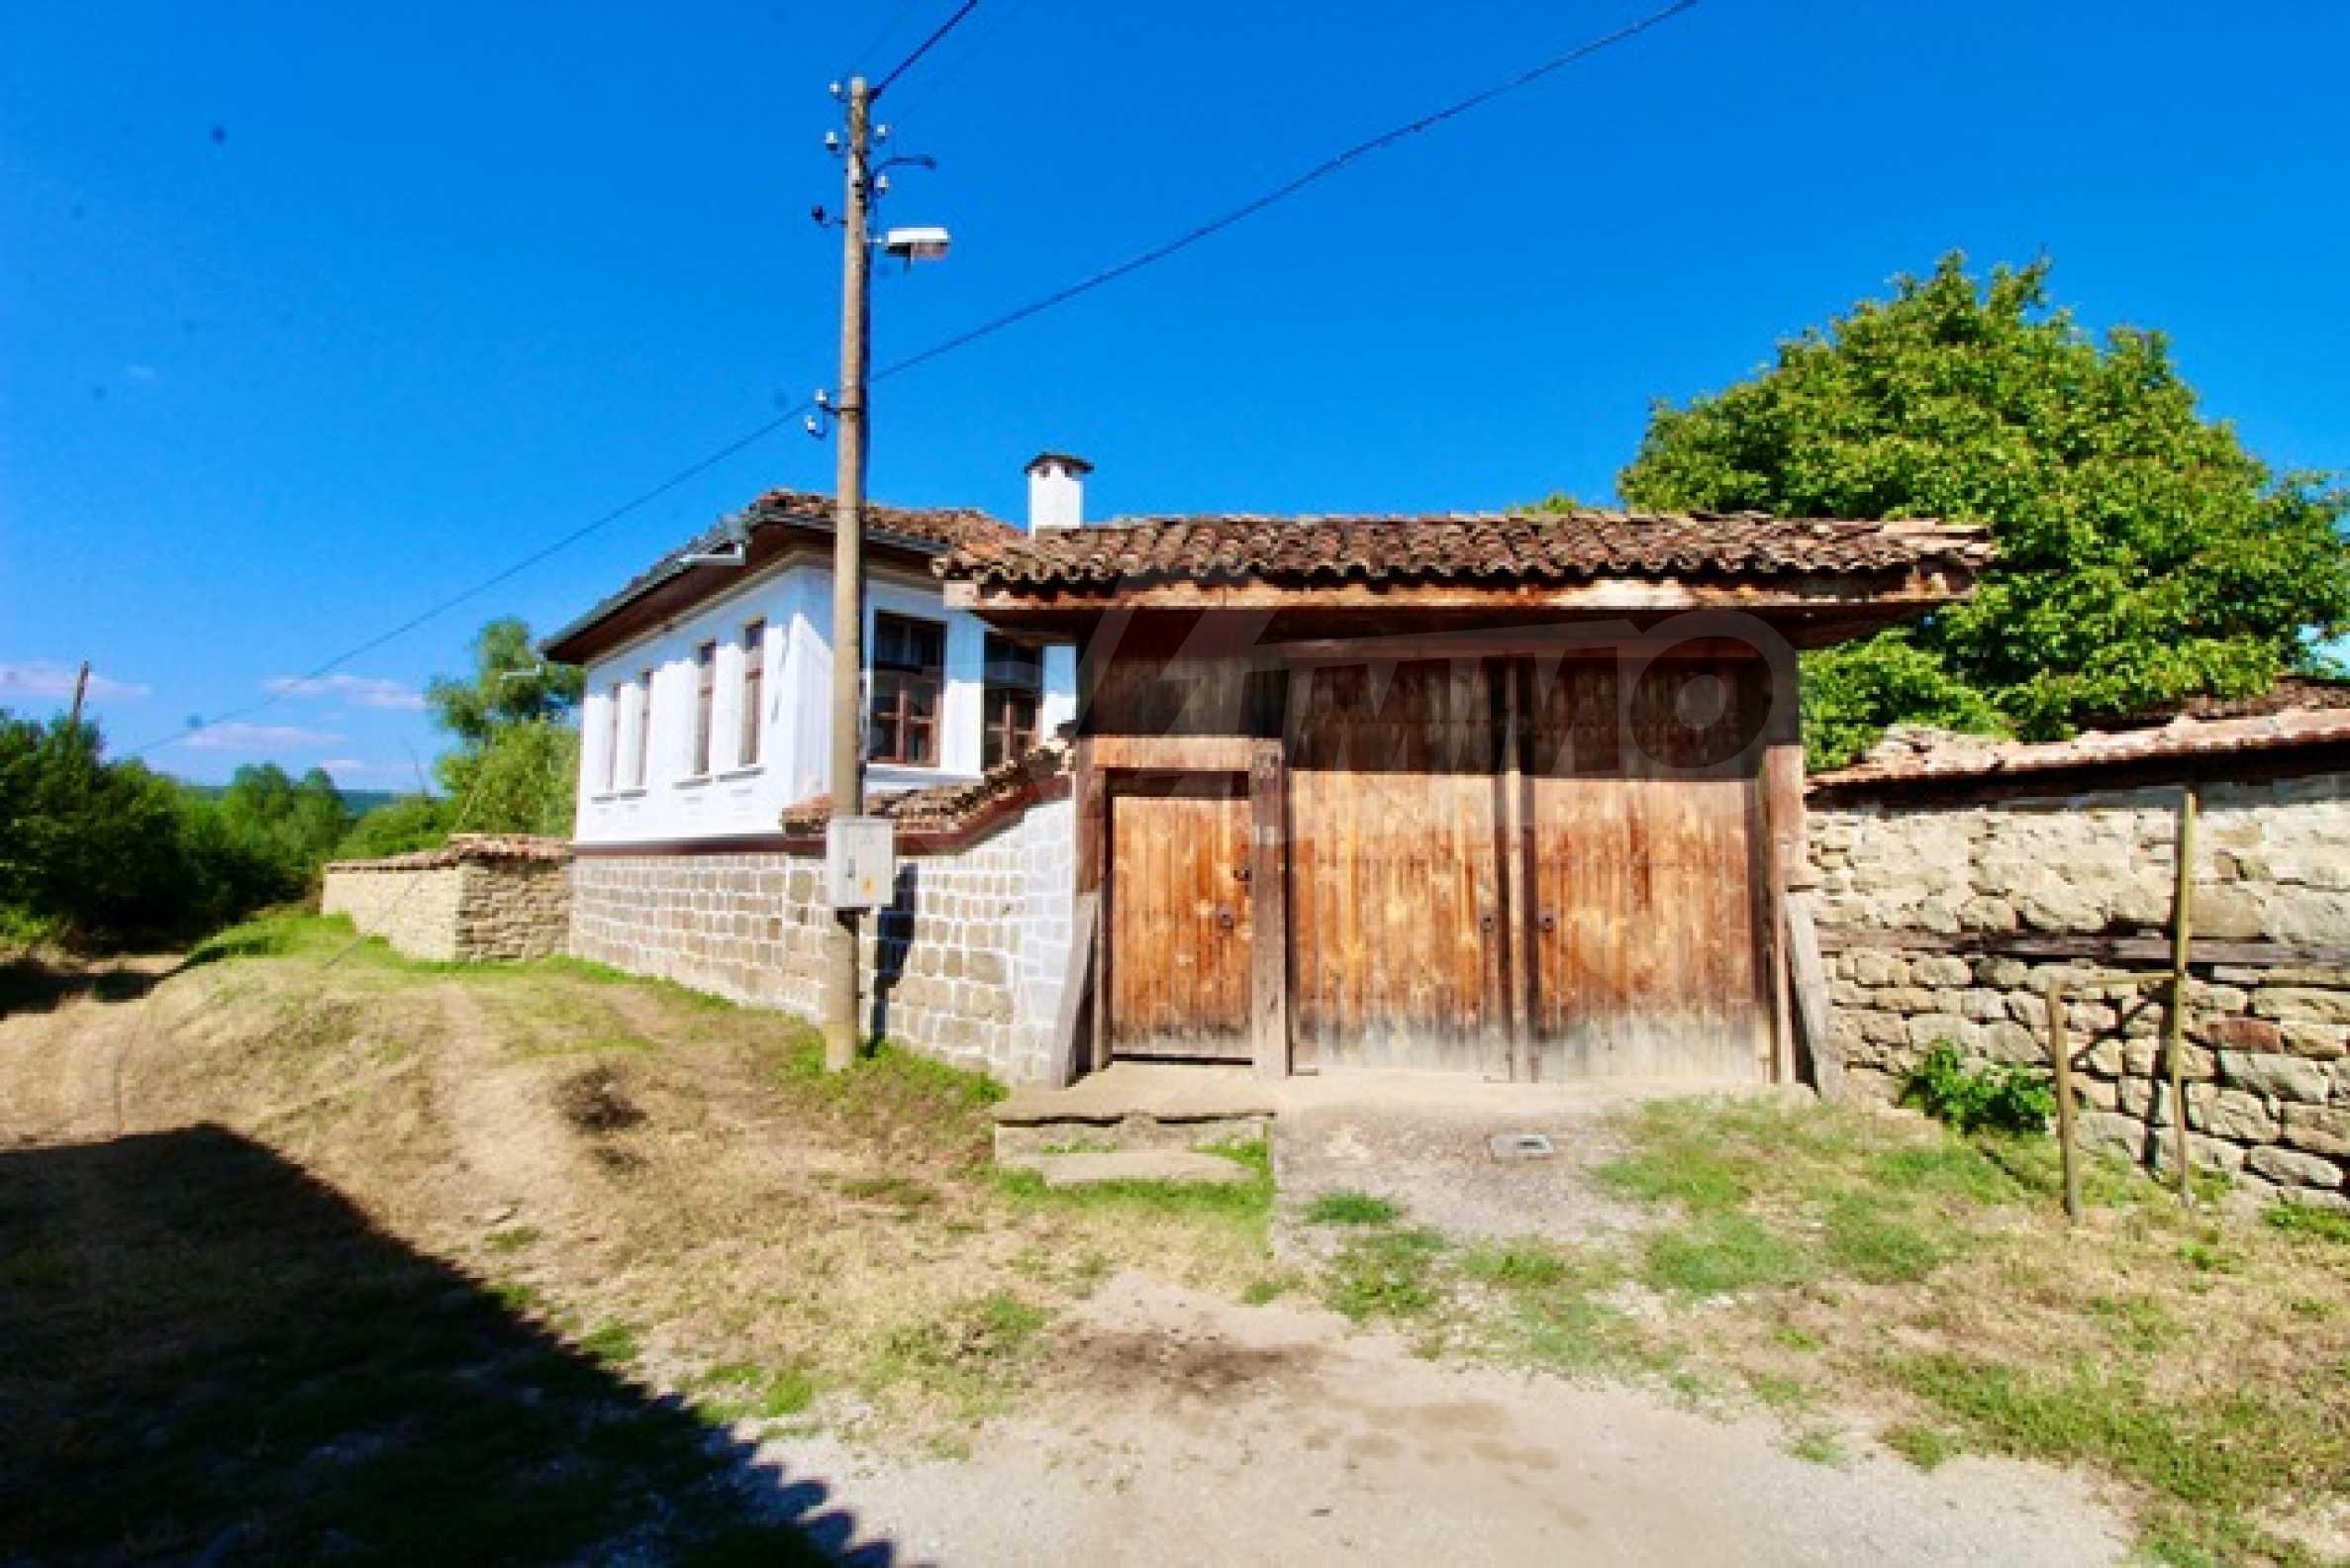 Schönes Wiederbelebungshaus, 17 km von Veliko Tarnovo entfernt 15